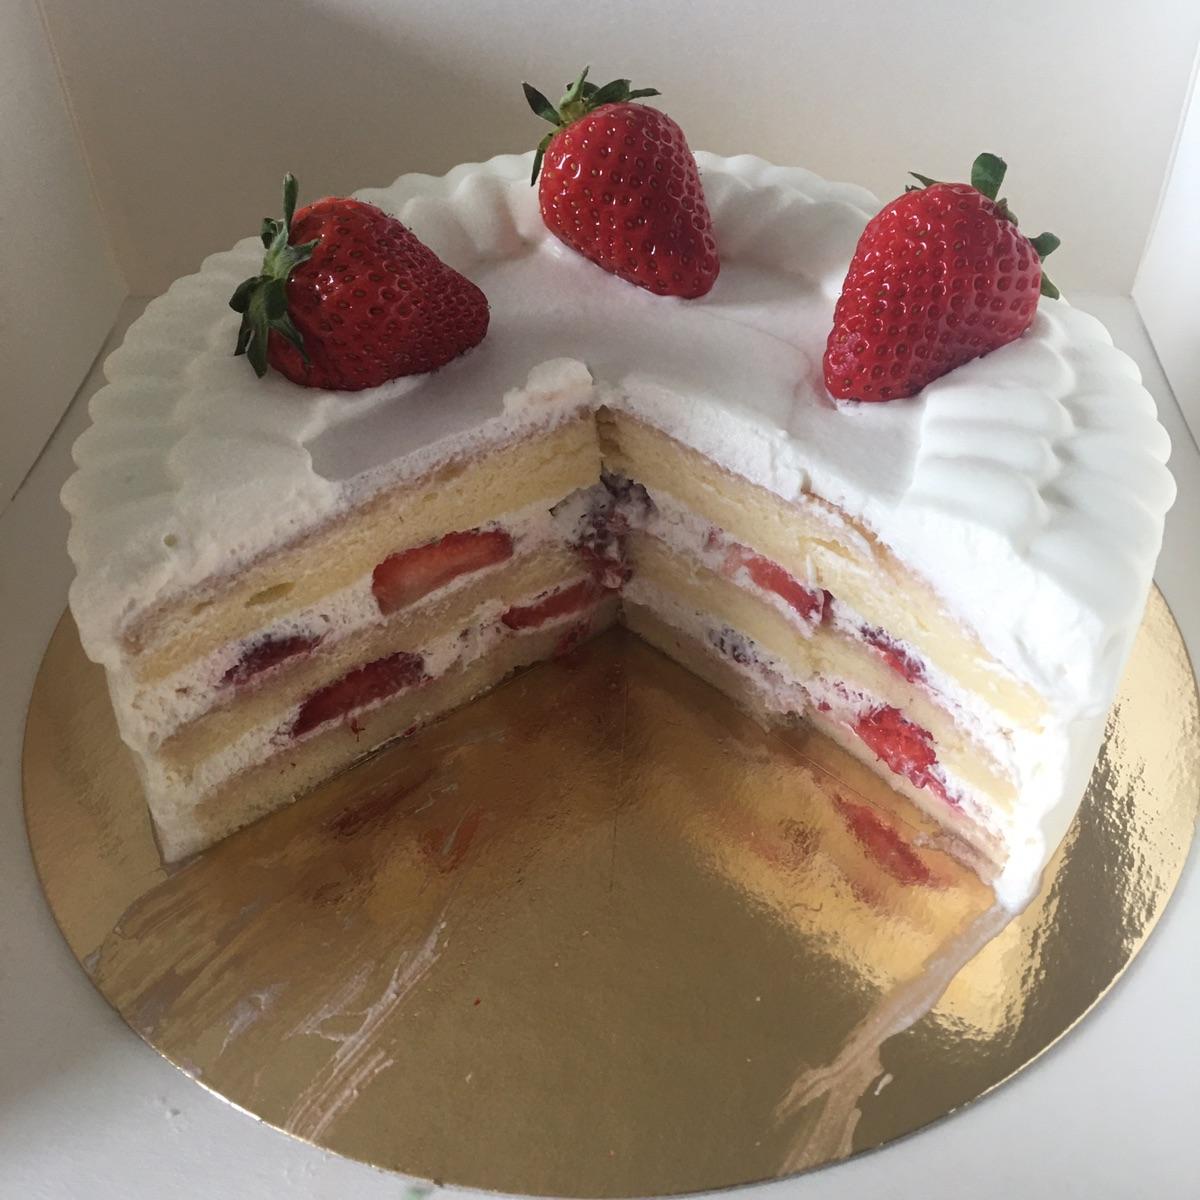 又到了吃草莓蛋糕的季节 🍓🍰